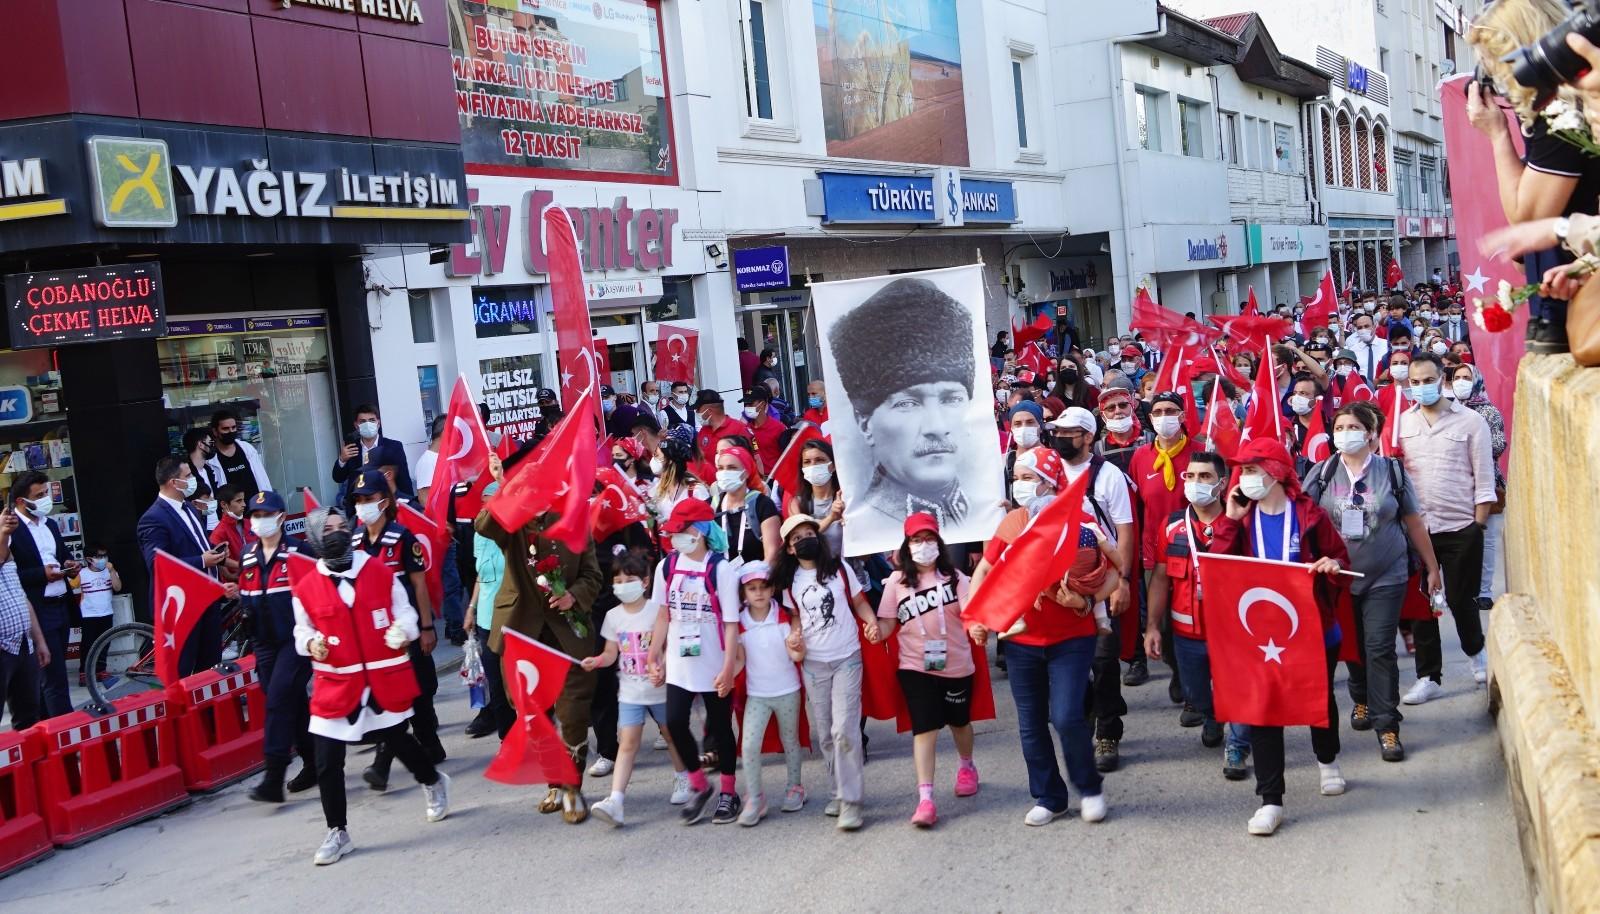 95 kilometrelik Atatürk ve İstiklal Yolu yürüyüşü son buldu